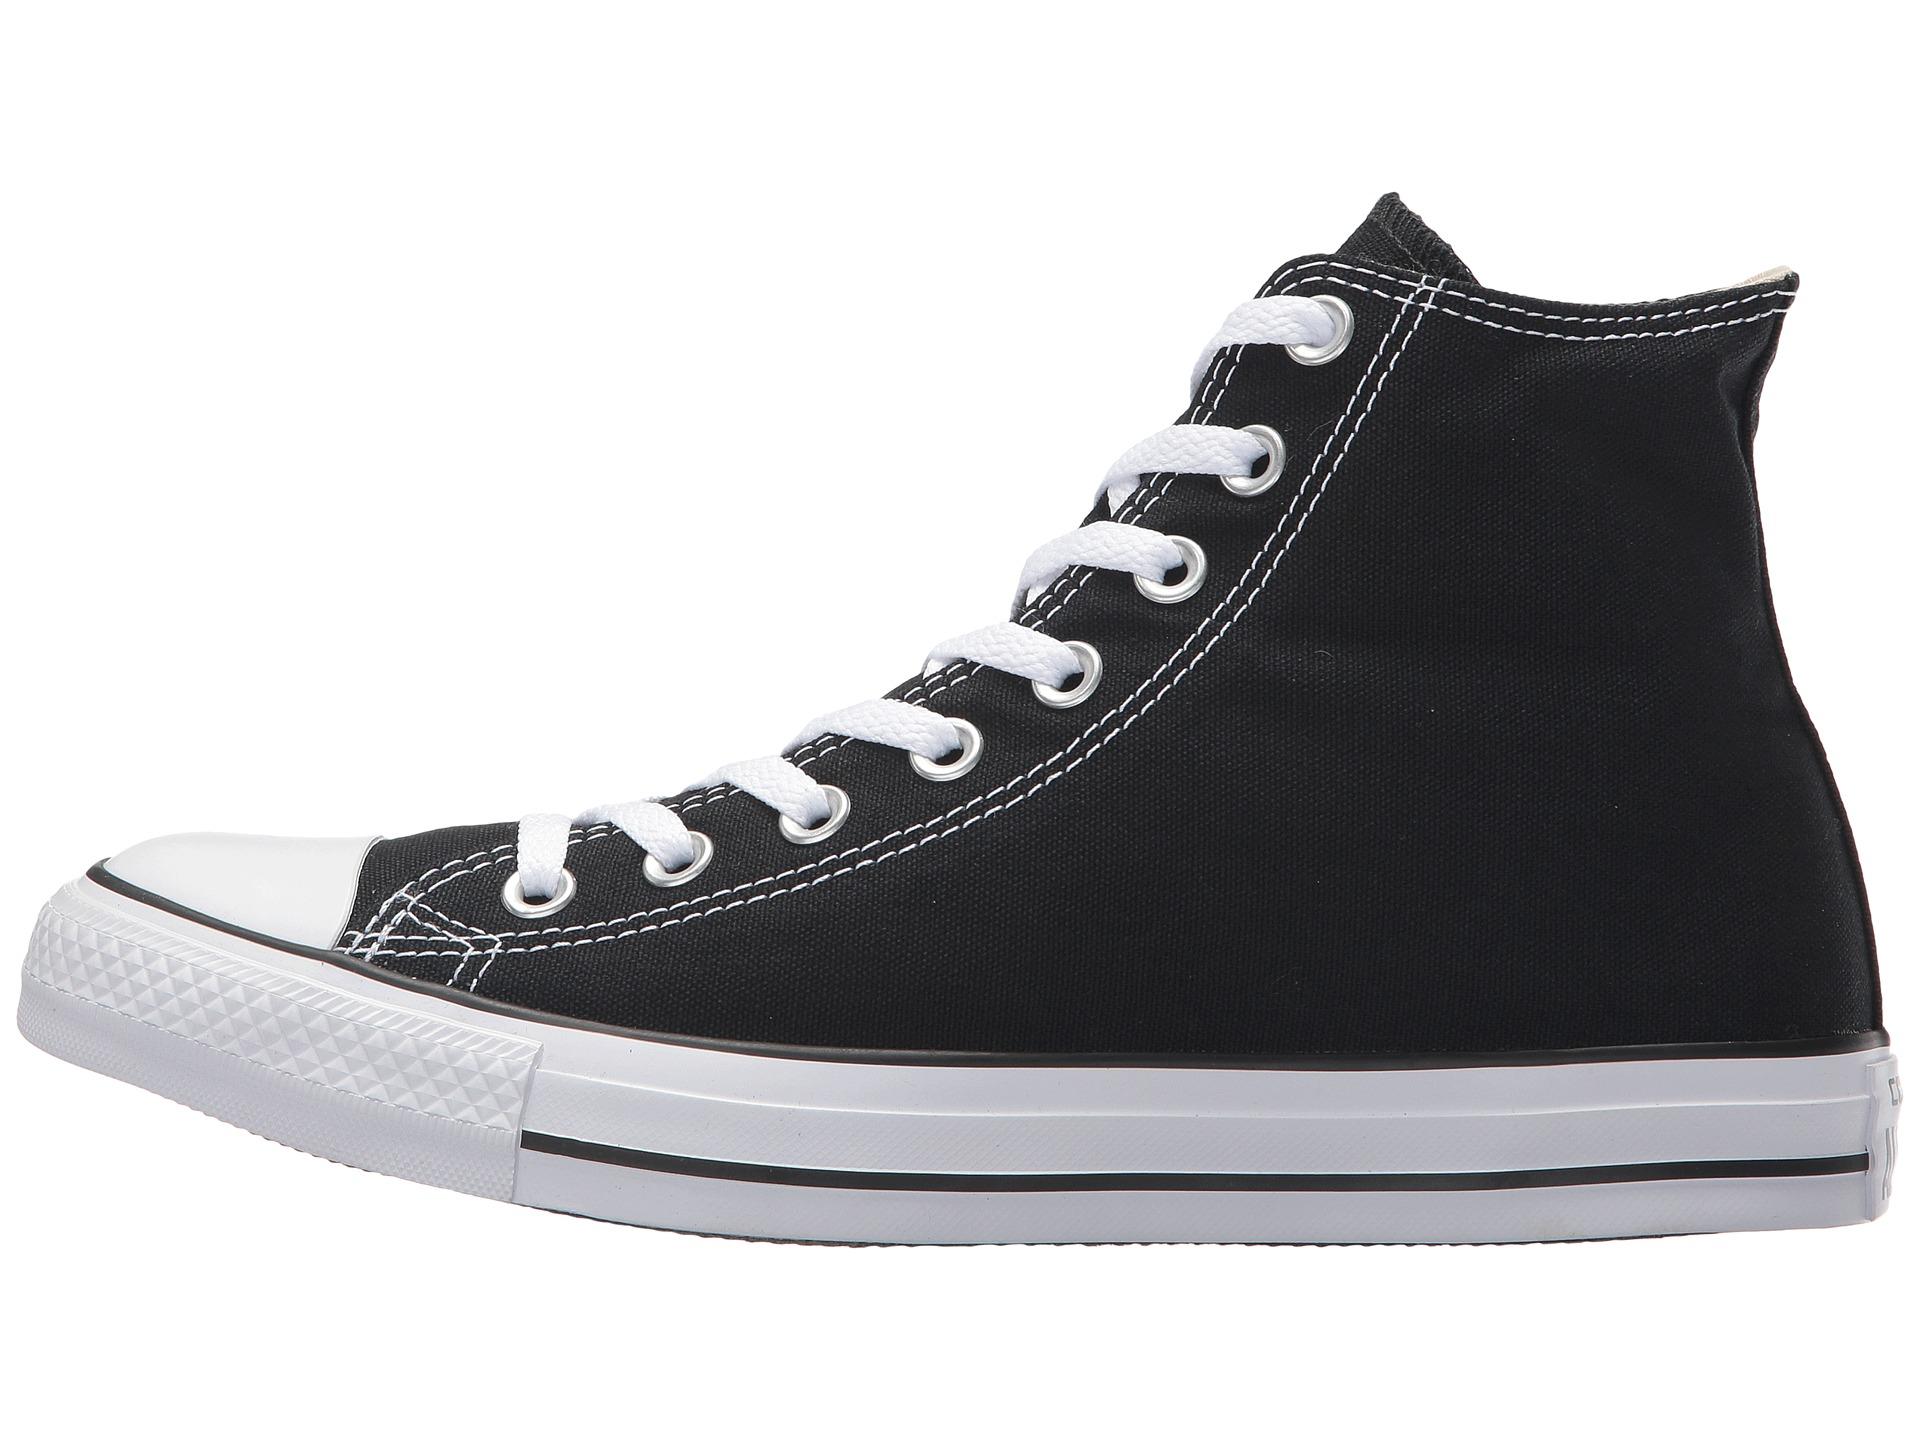 Converse Chuck Taylor® All Star® Core Hi at Zappos.com